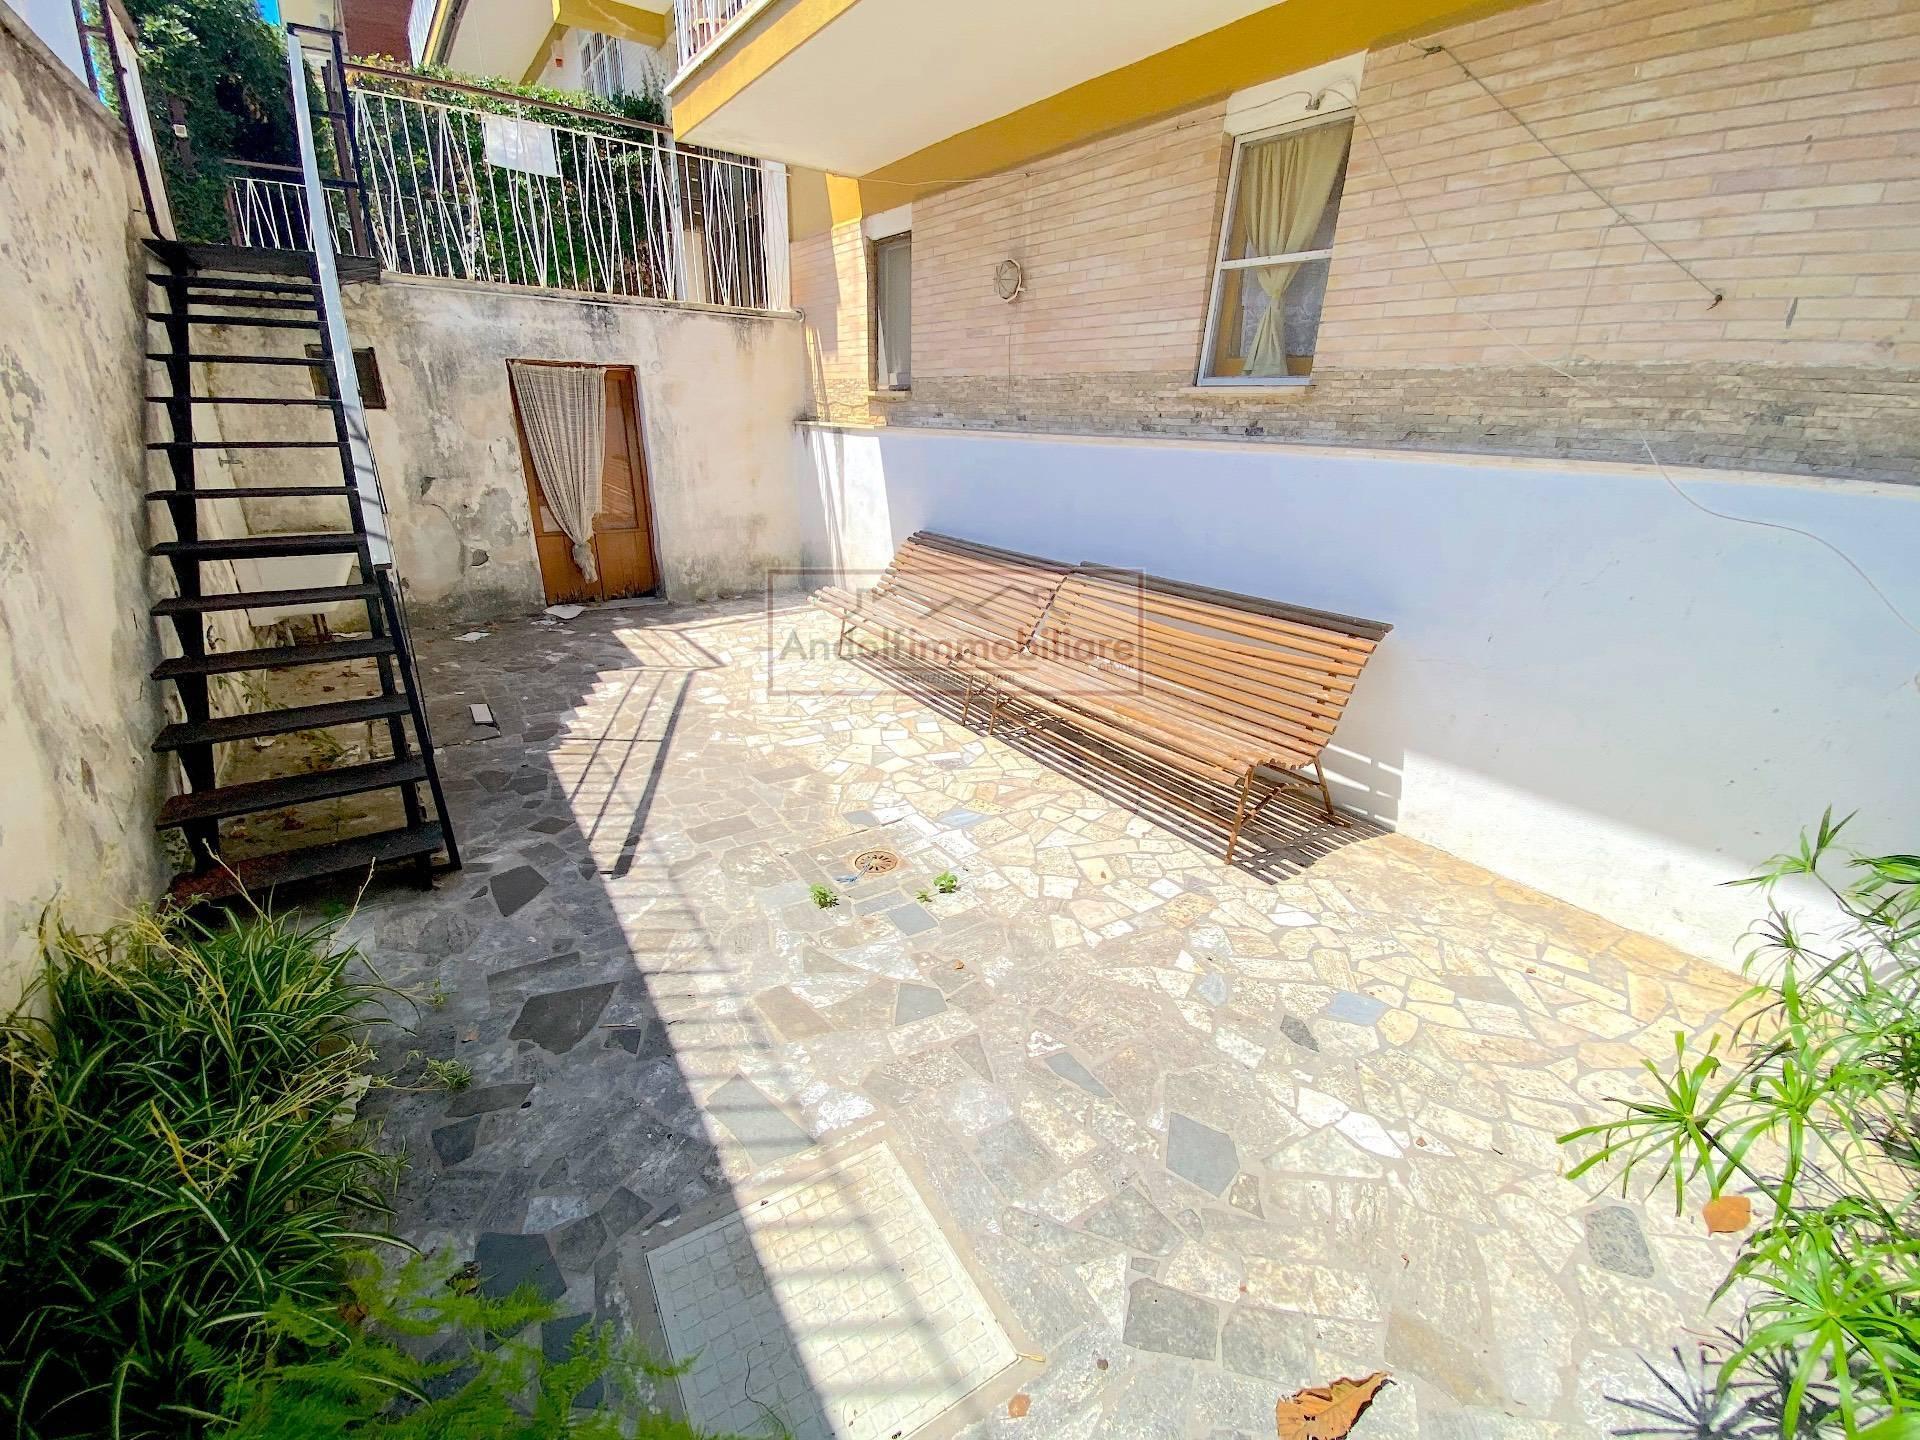 Gaeta Serapo. Appartamentino Indipendente a 100 metri dal mare in Vendita a Gaeta.